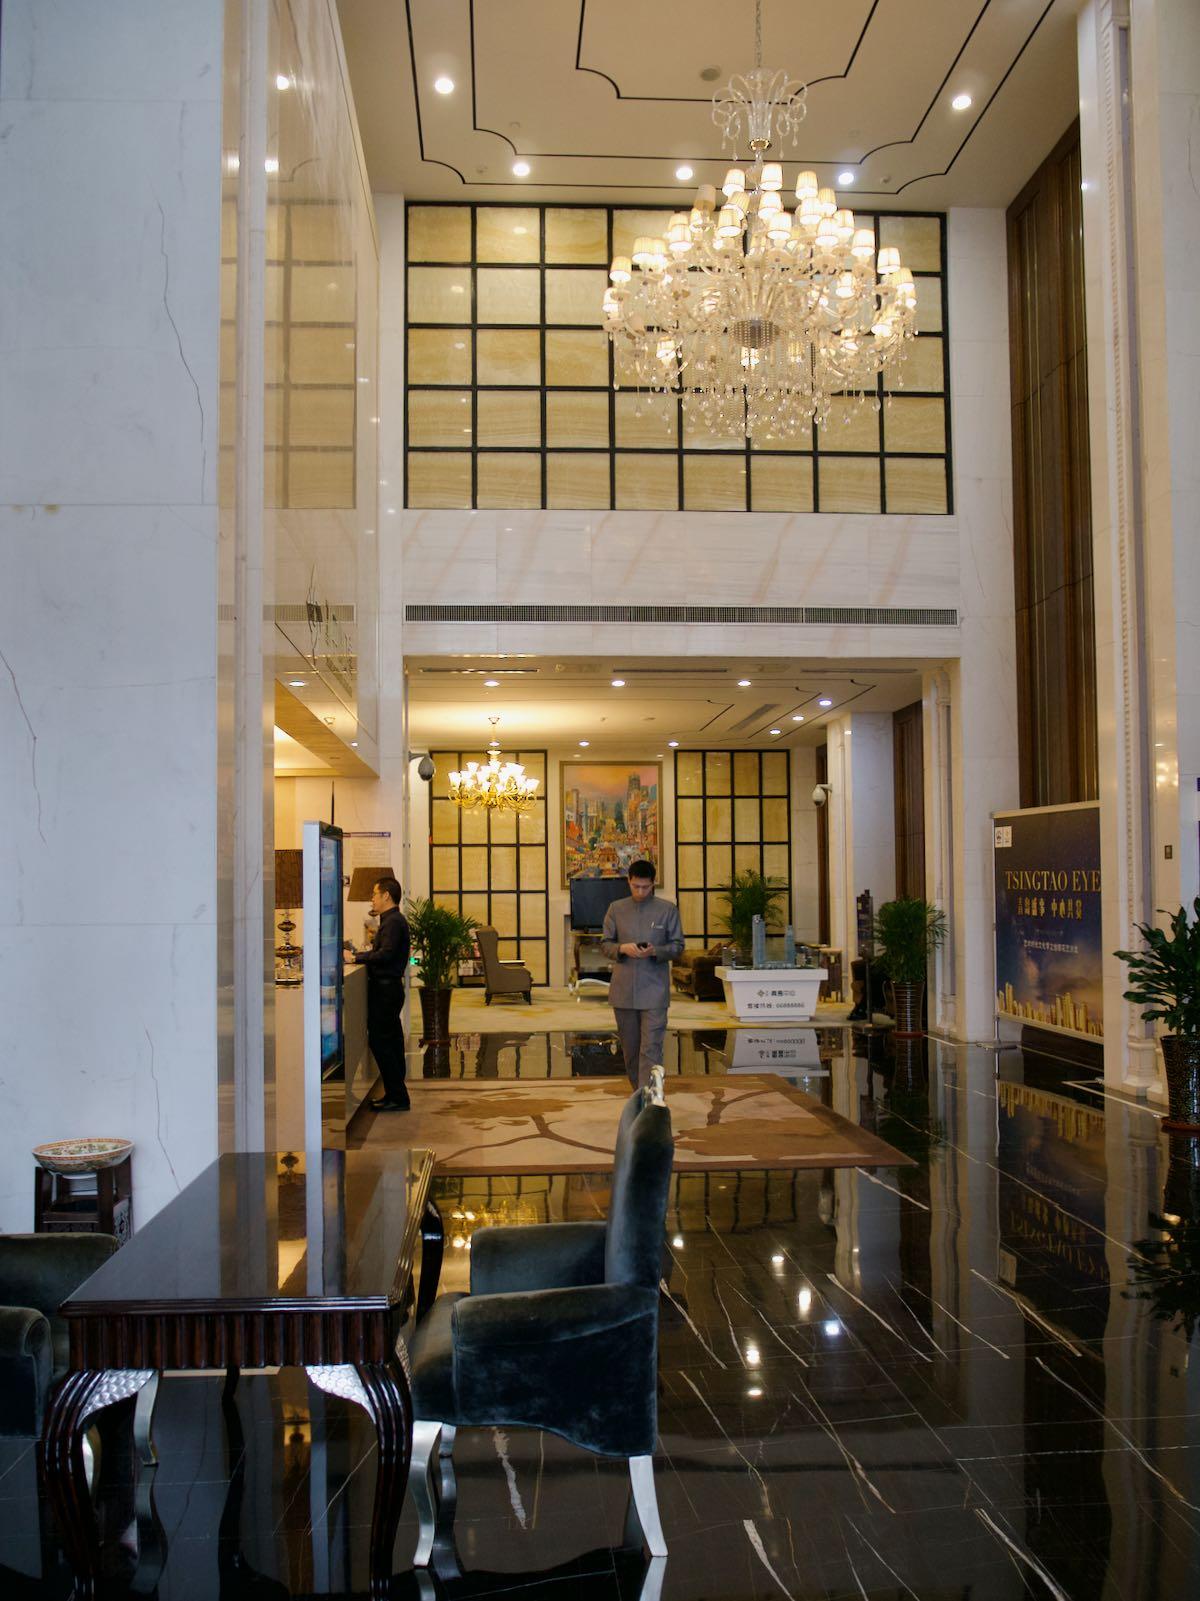 アパートのエントランスホール DMC-GX8 + LEICA DG 12-60mm